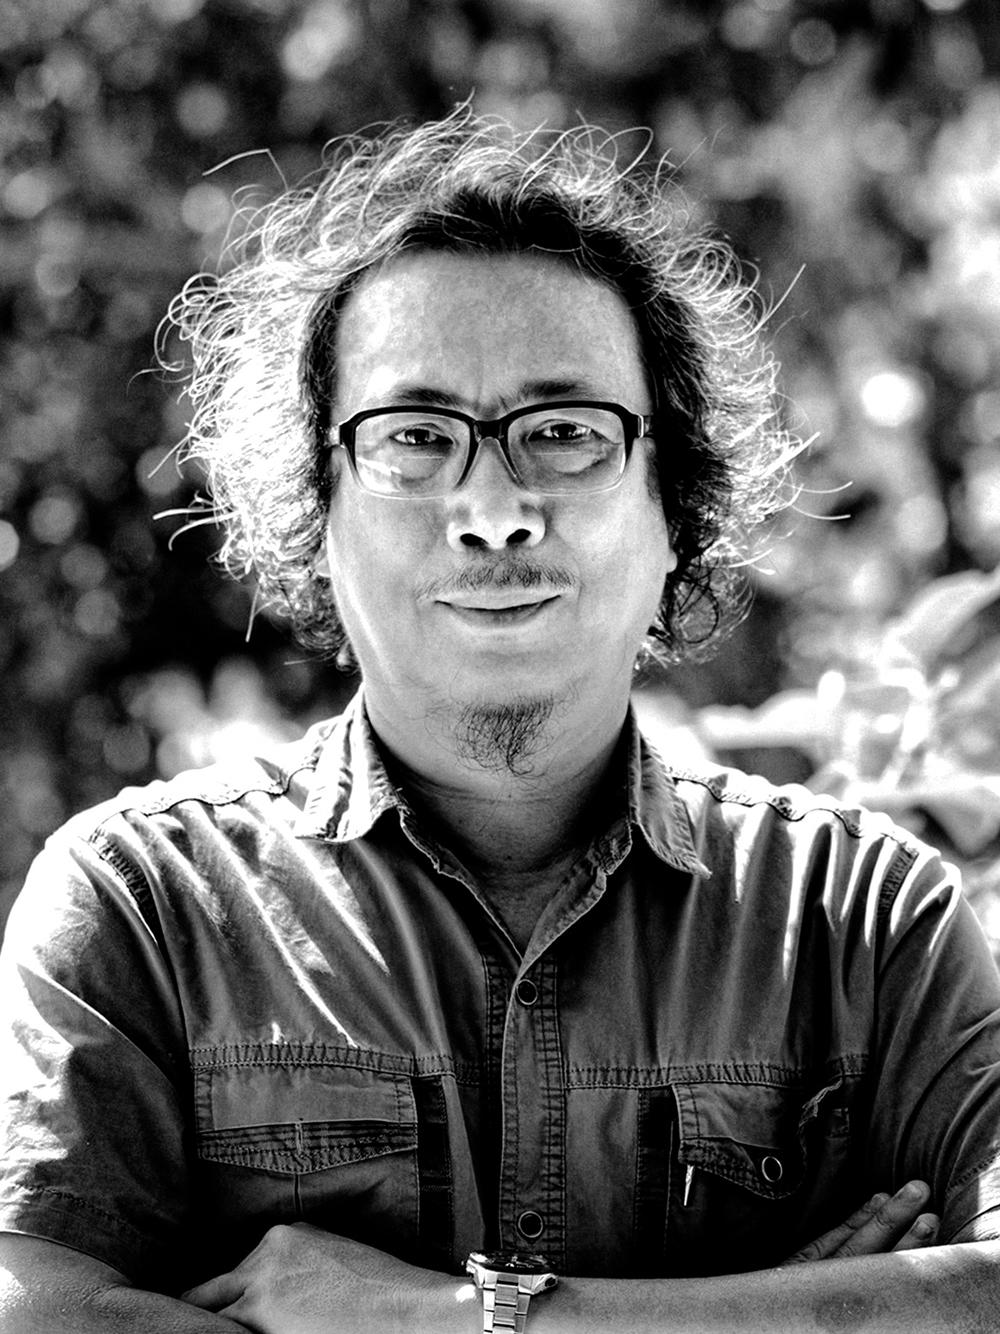 Nhà thơ Cao Xuân Sơn. Ảnh: Nhân vật cung cấp